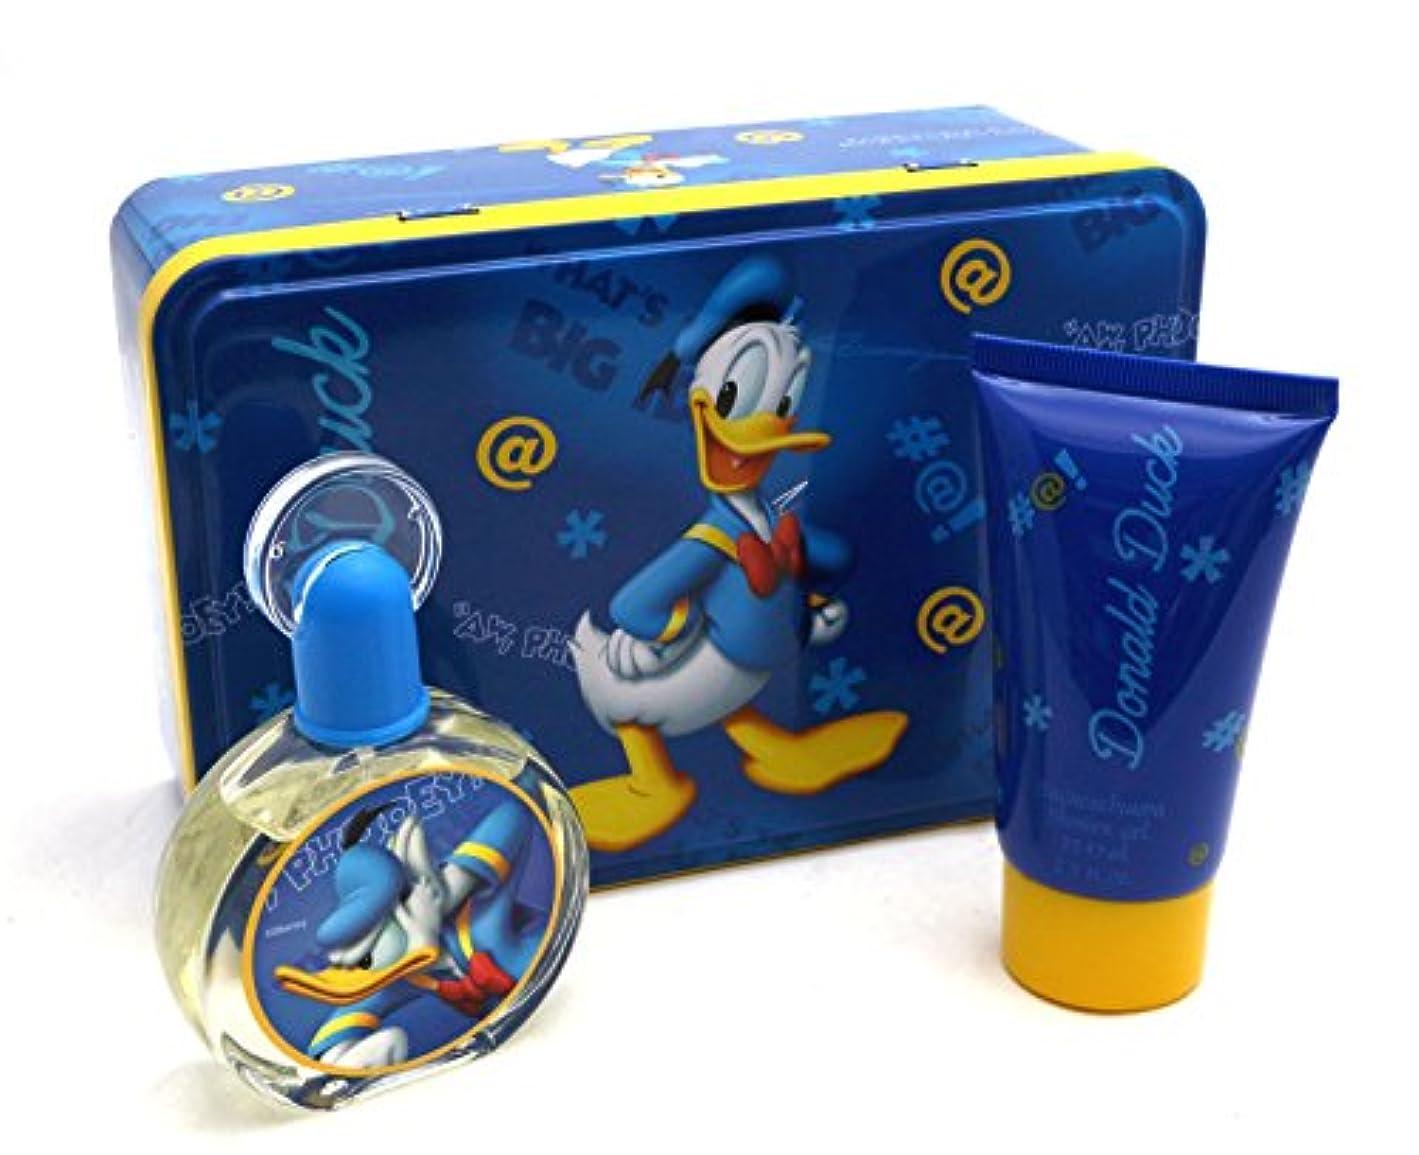 髄非常に怒っていますテクトニックDonald Duck (ドナルドダック) 1.7 oz (50ml) EDT Spray + 2.5 oz (75ml) Shower Gel by Disney